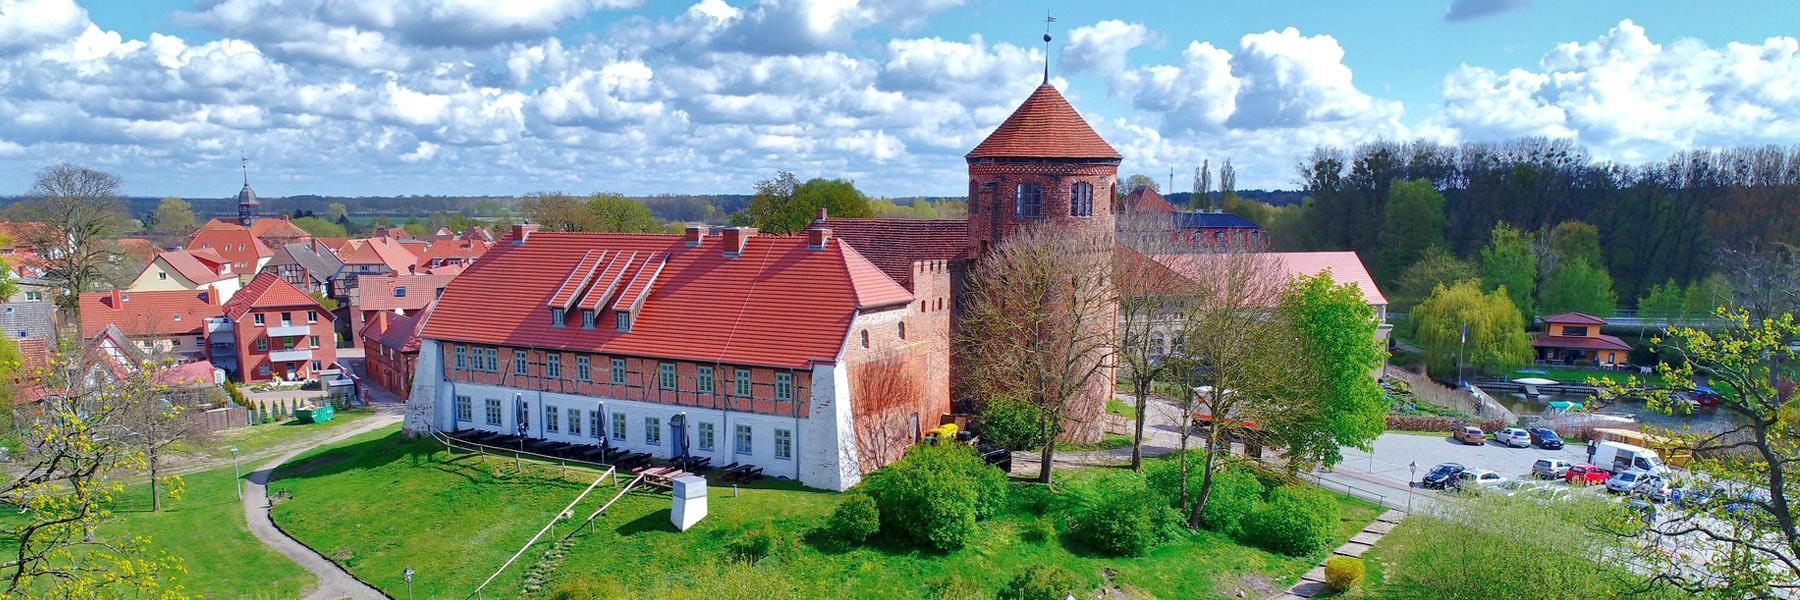 Burg Stadt - Stadtverwaltung Neustadt-Glewe